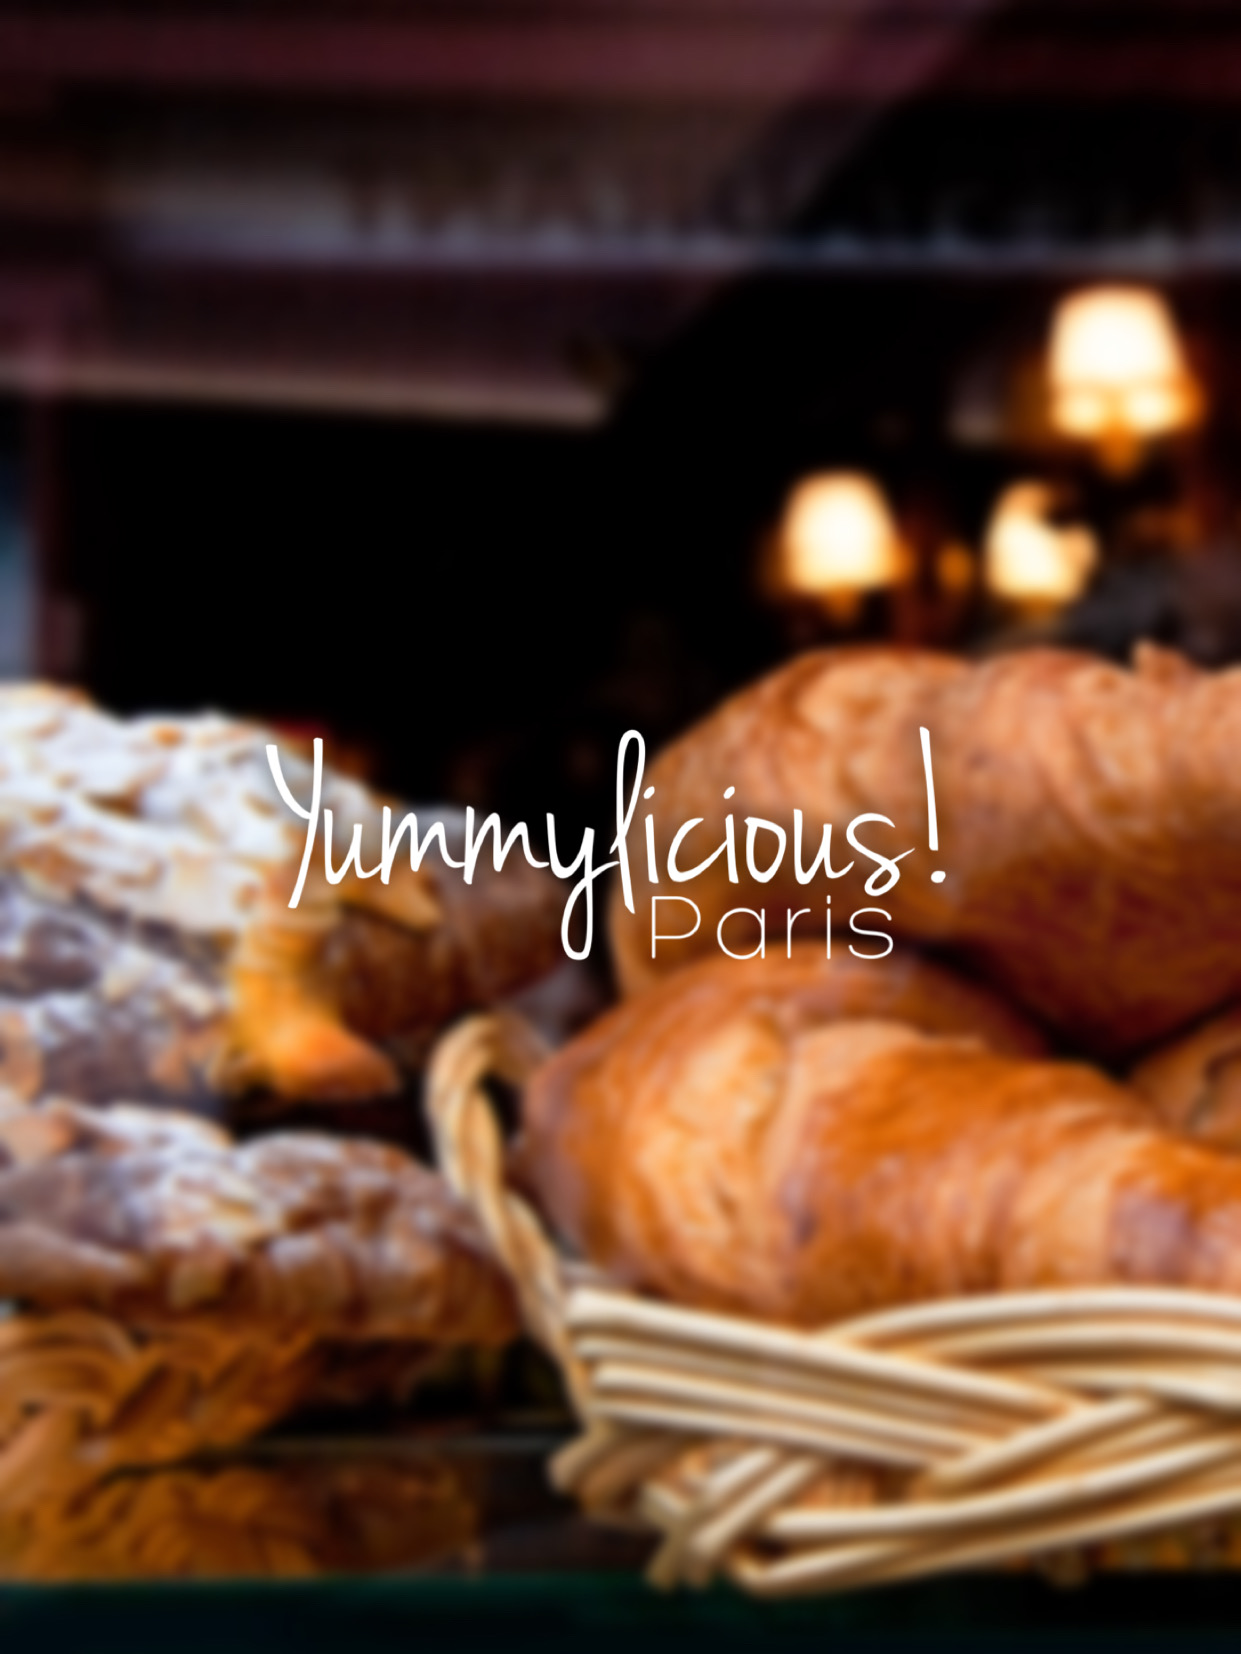 Paris Food Guide: The Travel Foodie Picks of Wonderful Restaurants